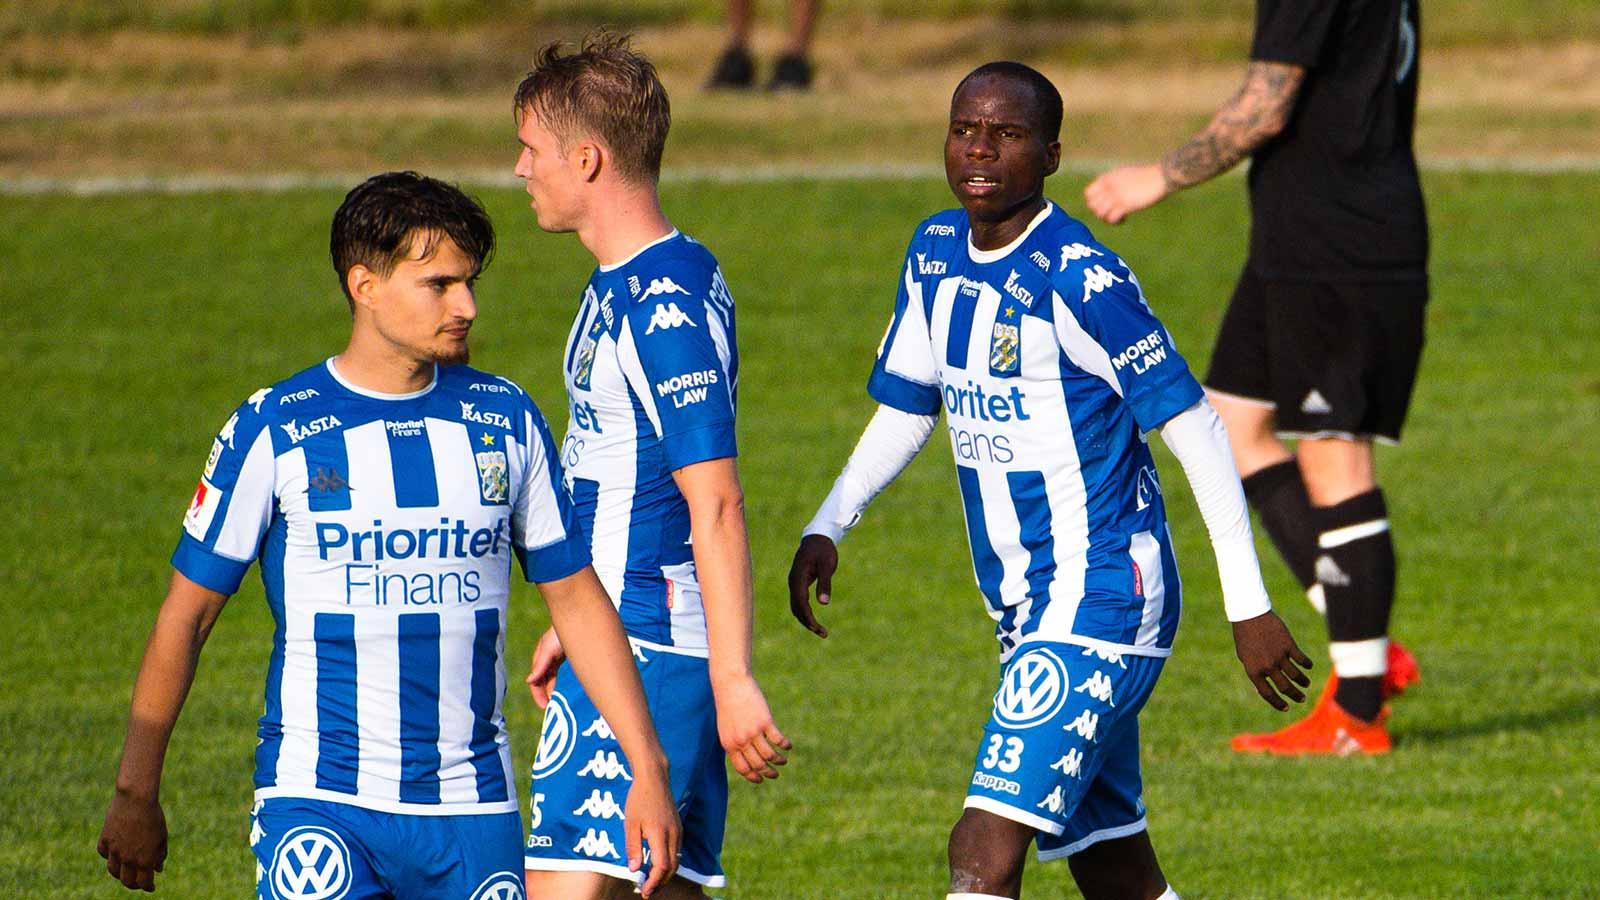 180611 IFK Göteborgs Amin Affane under en träningsmatch i fotboll mellan en dalakombination och IFK Göteborg den 11 juni 2018 i Nyhammar. Alhassan Yusuf